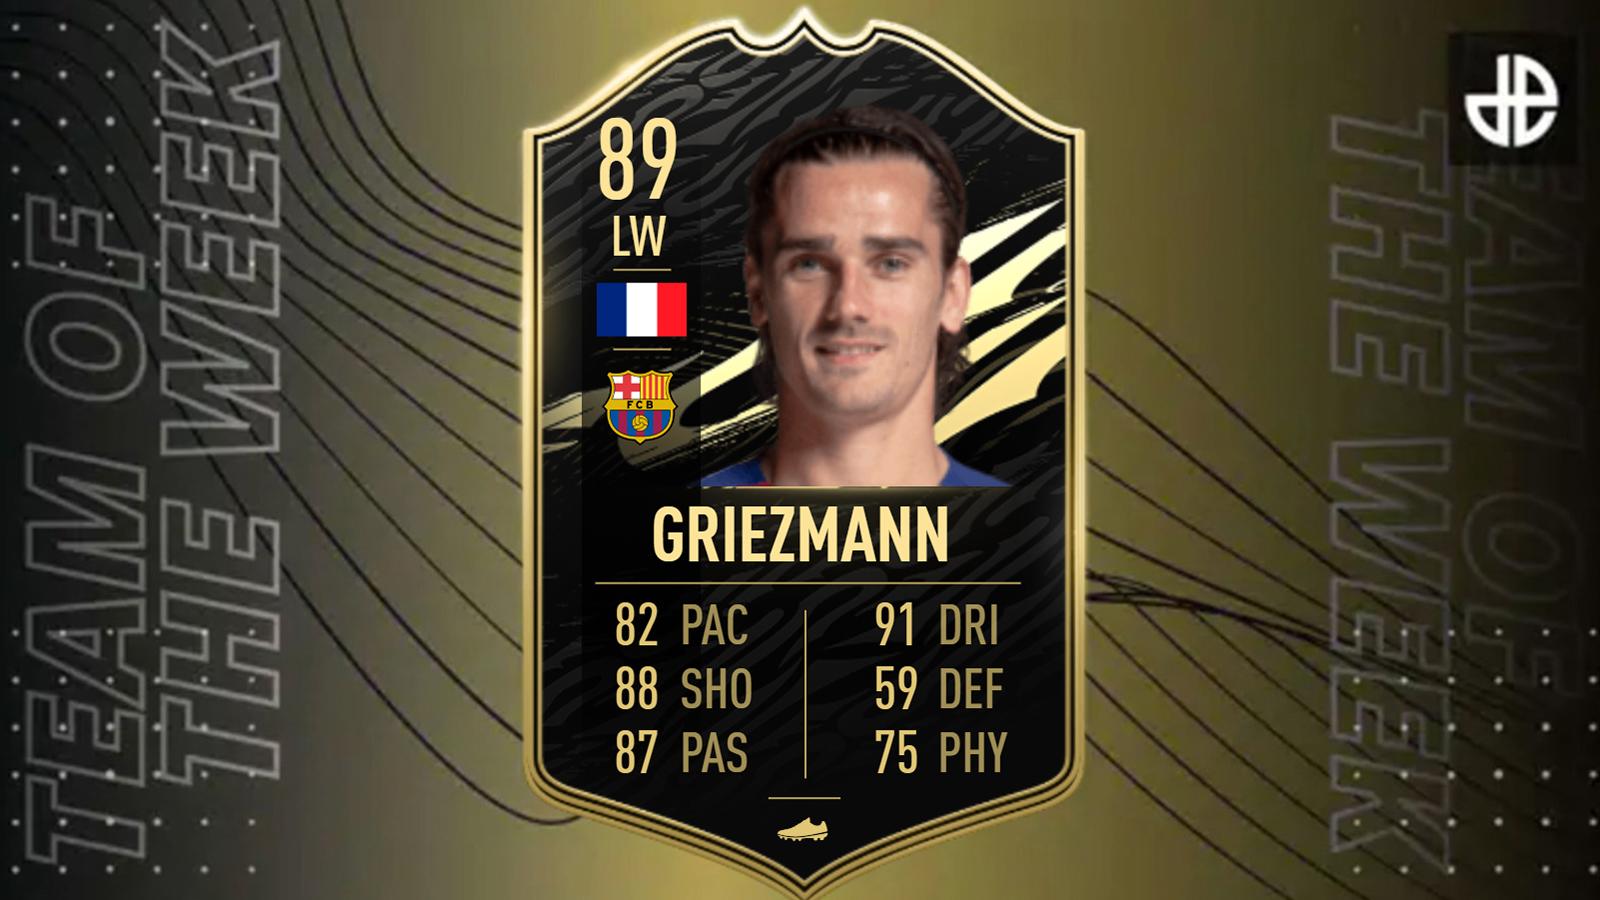 TOTW 16 FIFA 21